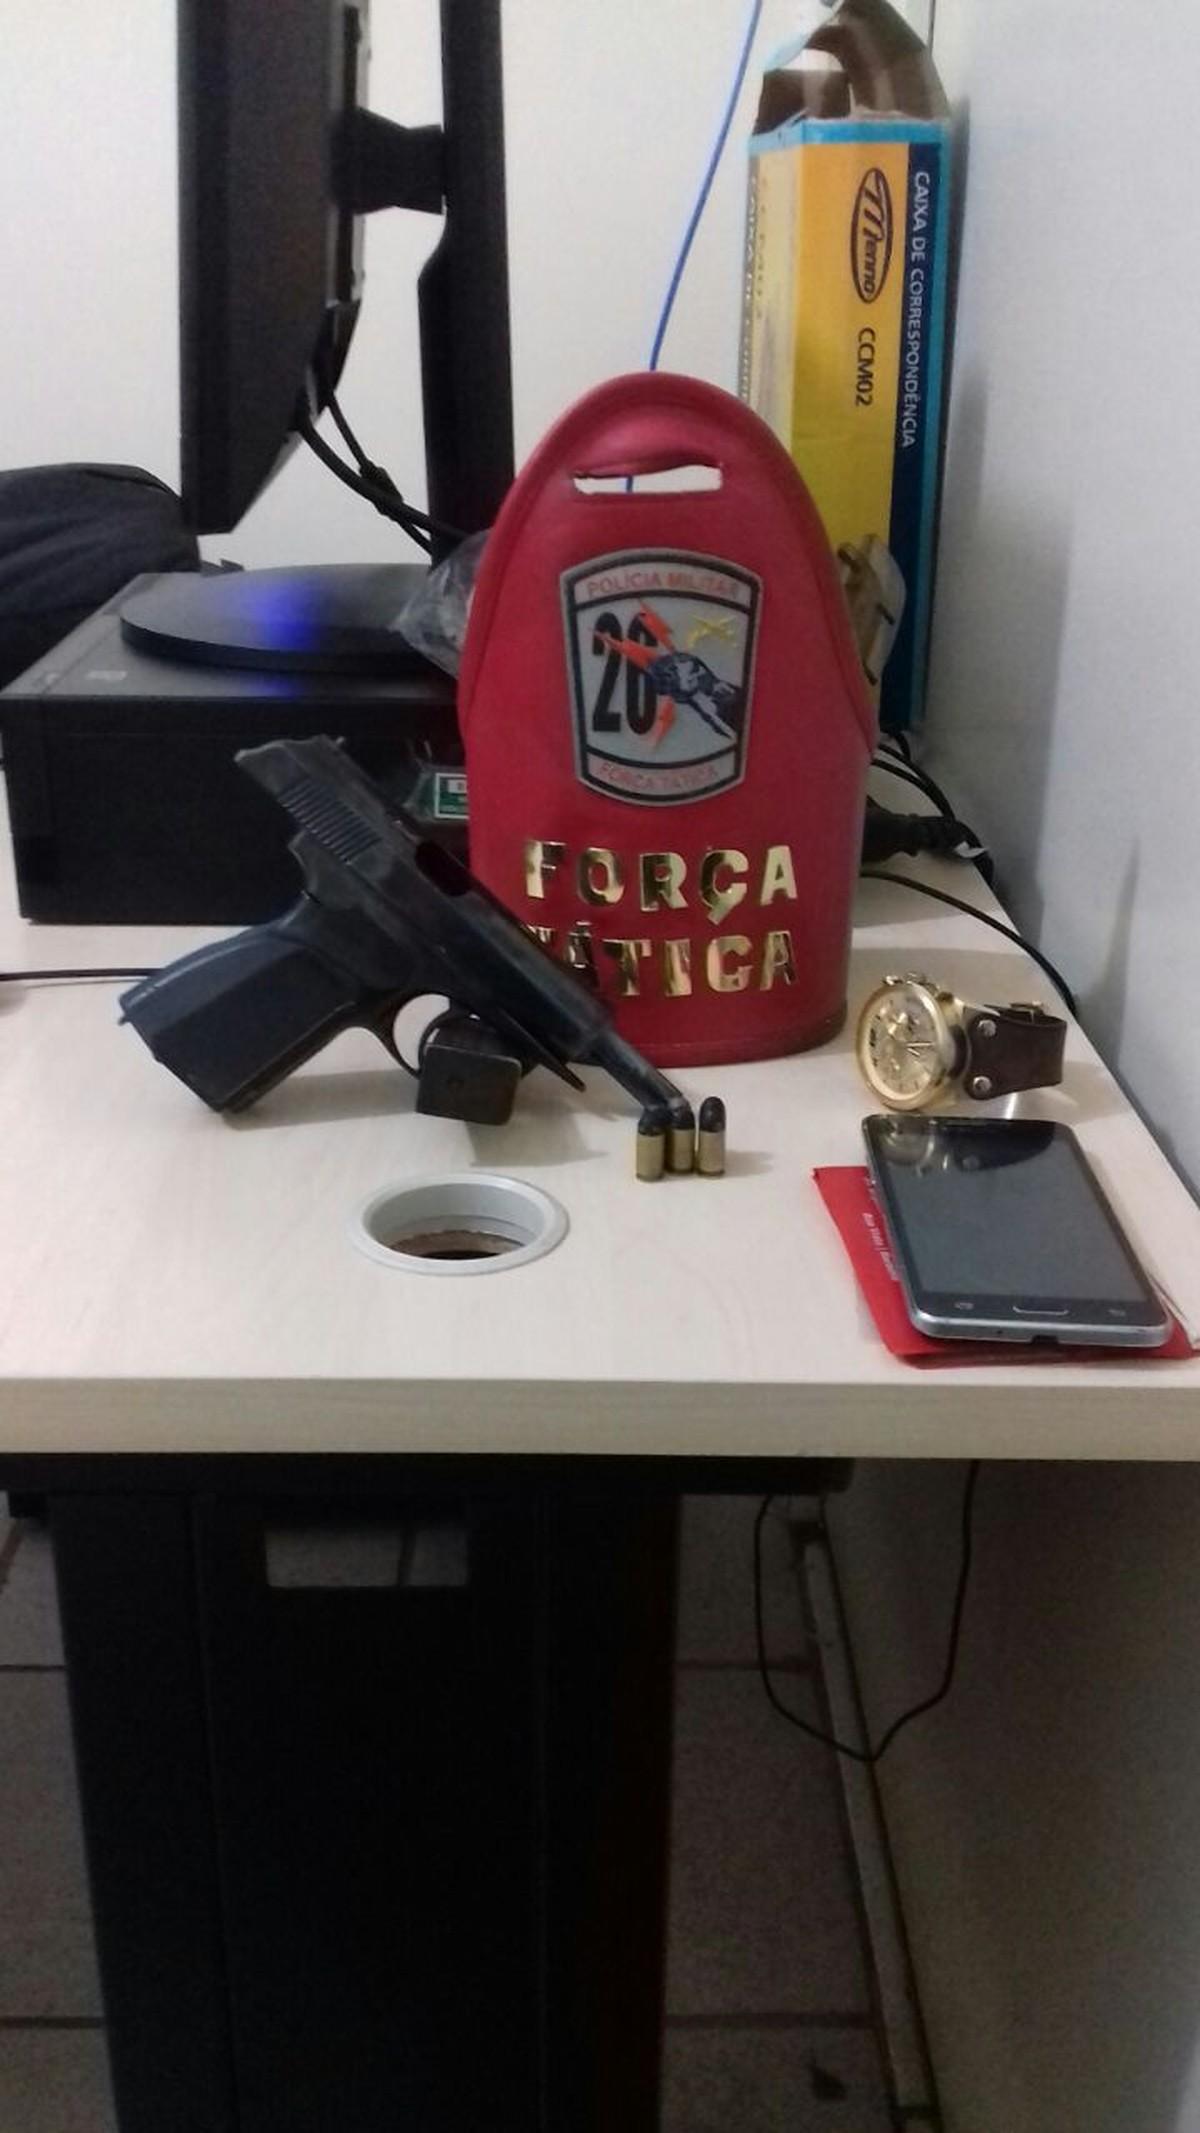 Jovem armado é detido por PM à paisana em oficina na zona Oeste Boa Vista